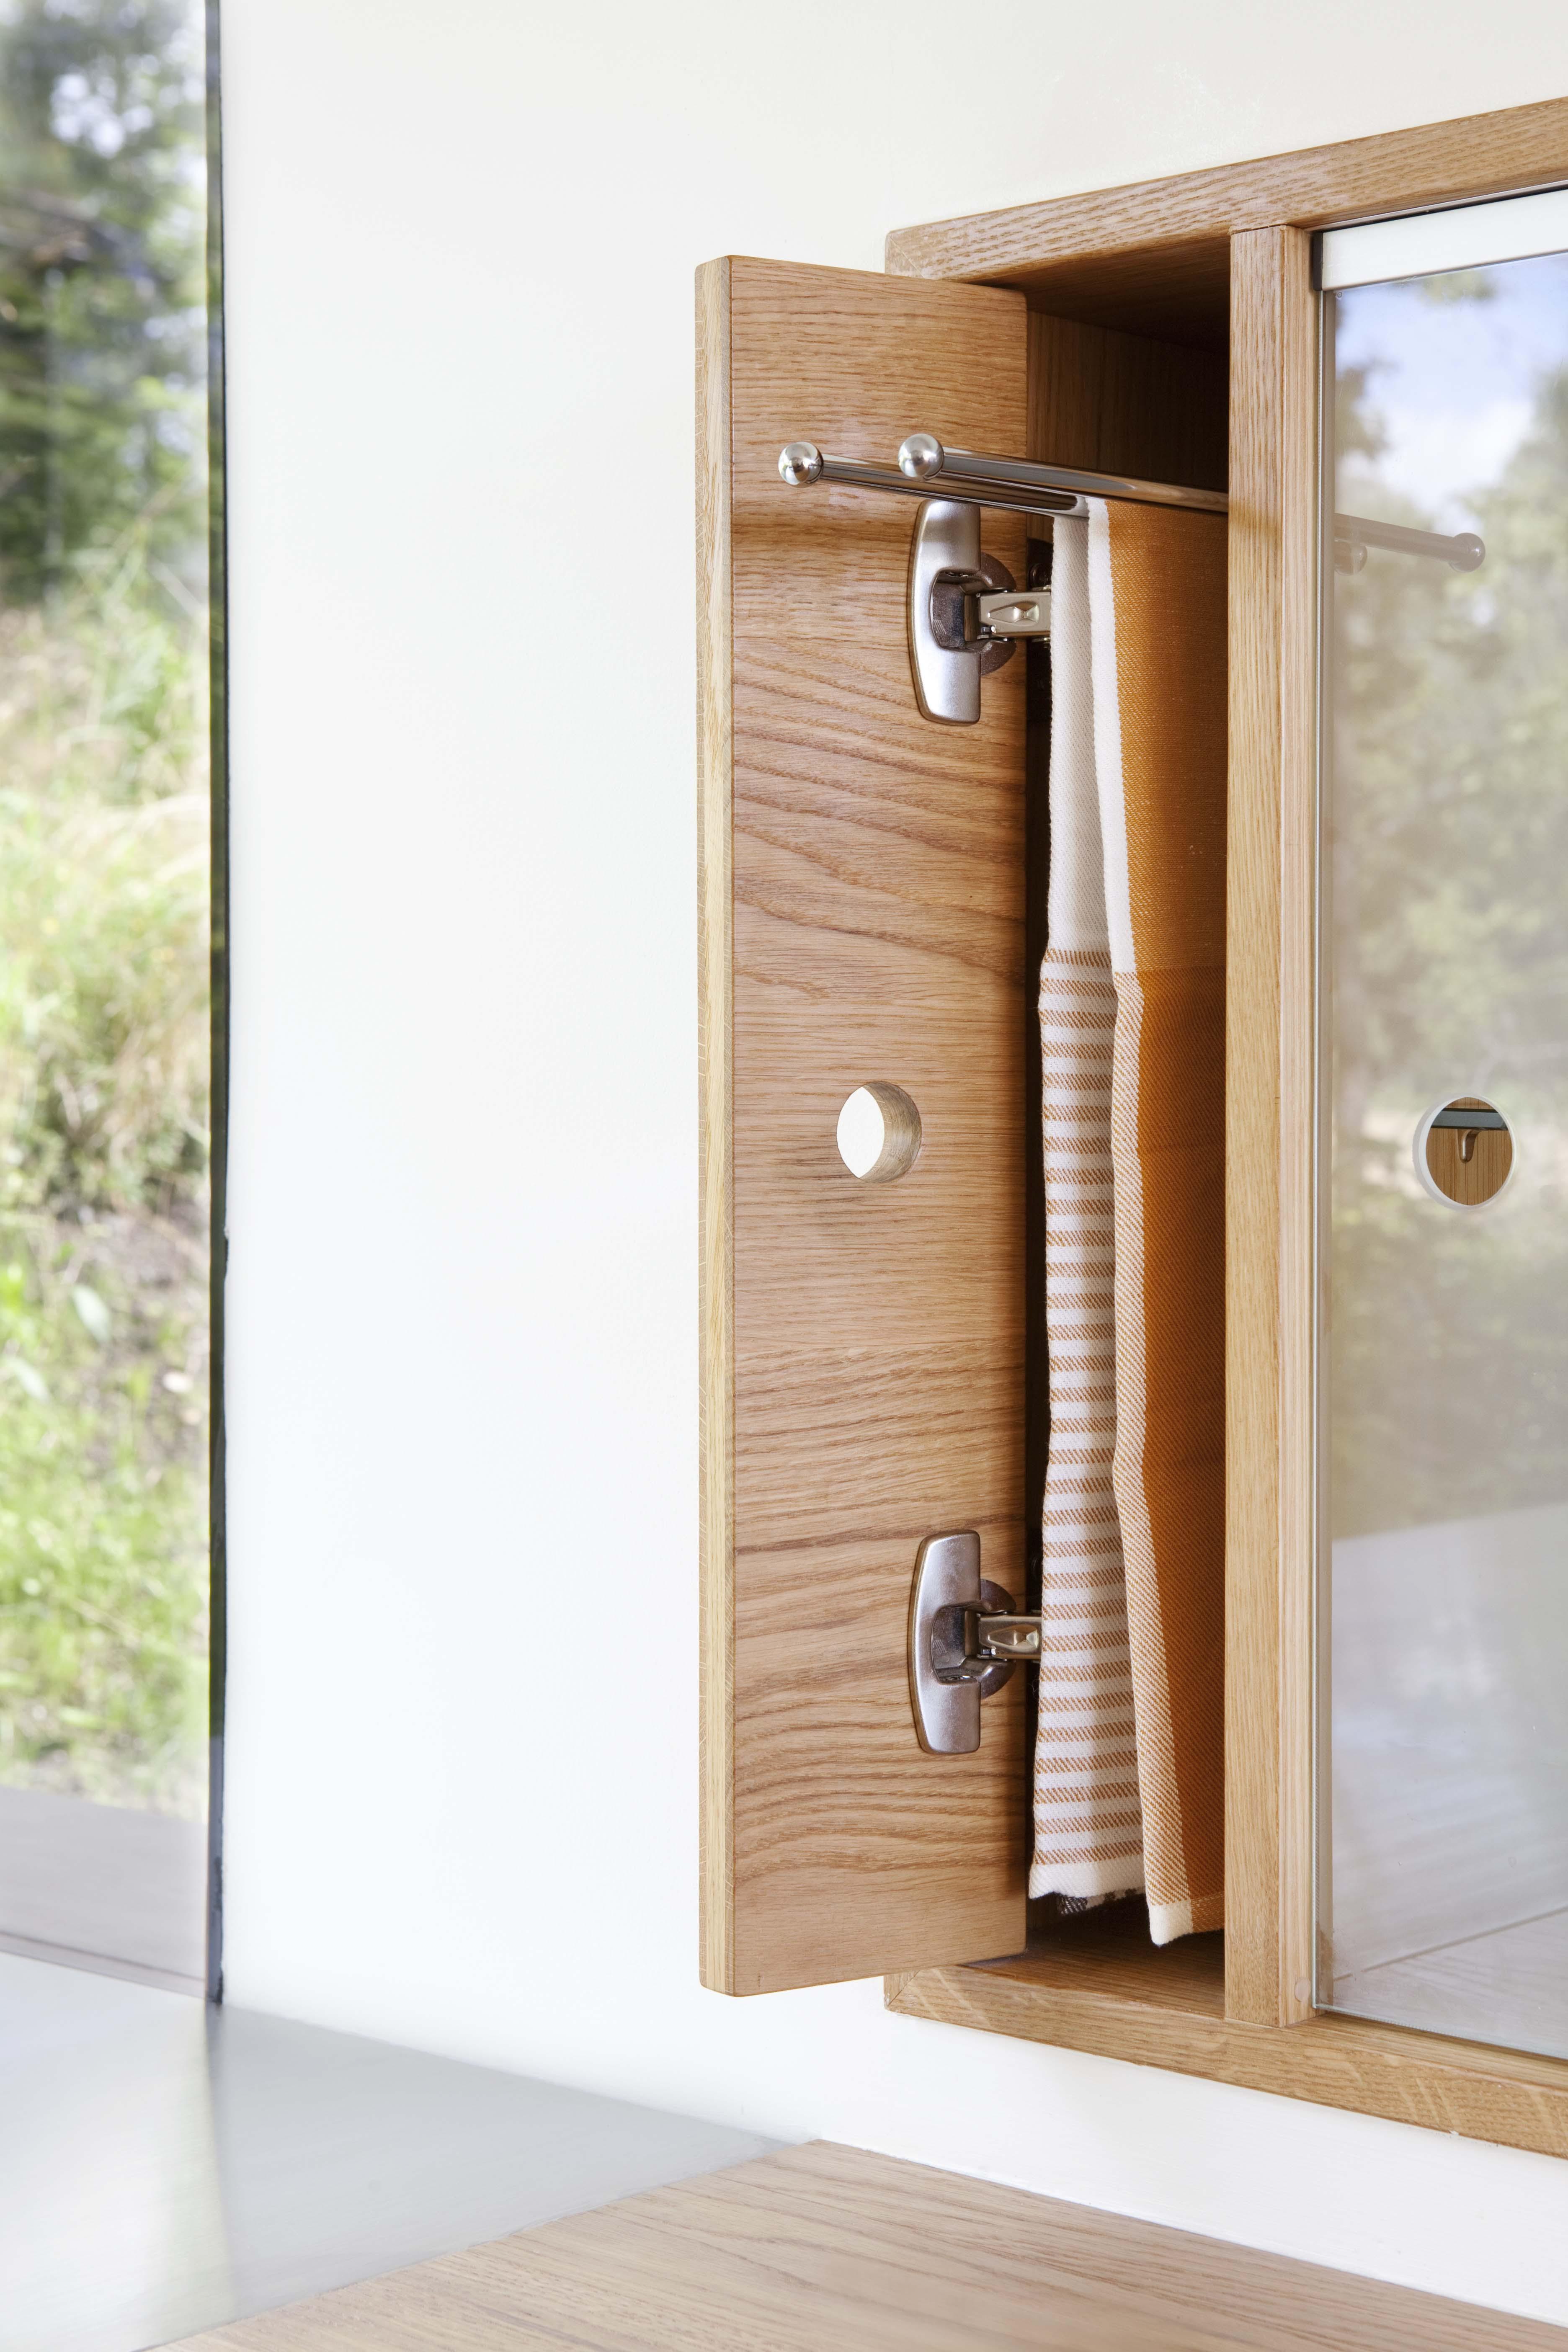 Smarte Møbler: Ideer til integrert flatskjerm. Om kolleksjonen Lom ...